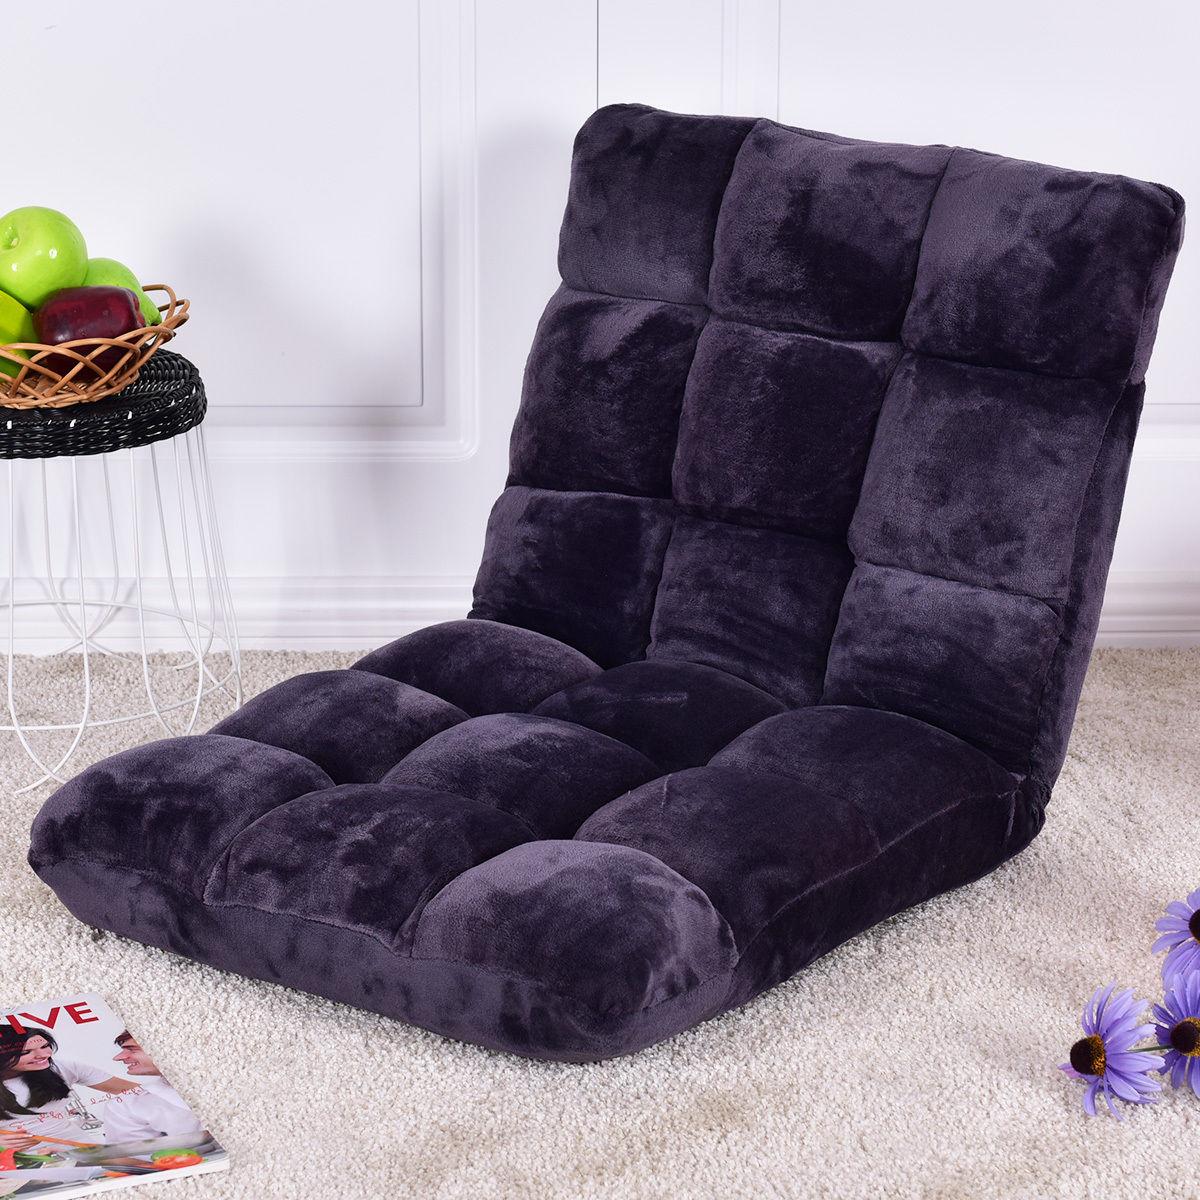 Современные напольные Giantex раскладной диван кресло шезлонг 5 позиционный Регулируемый раскладной диван-кровать мягкой Фланелевой кресло HW55460GR